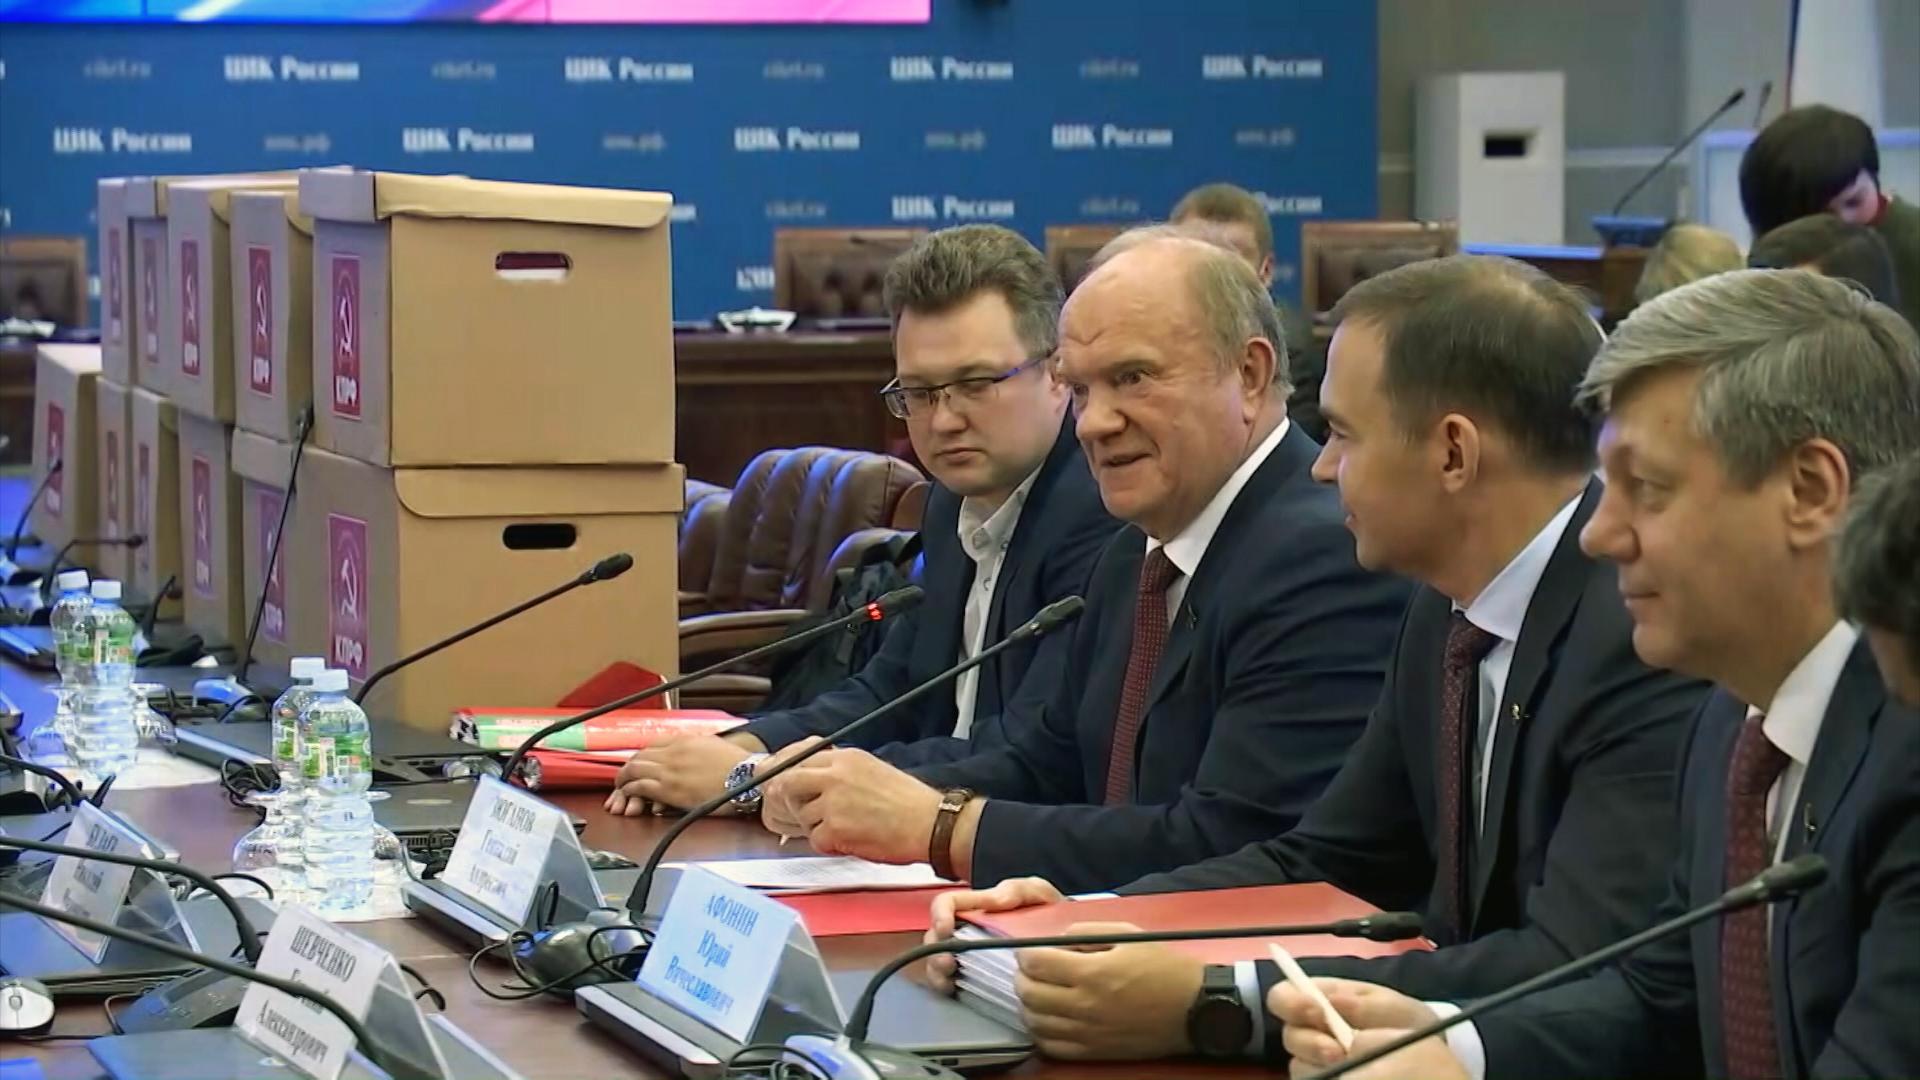 Партия КПРФ во время подачи документов в ЦИК России